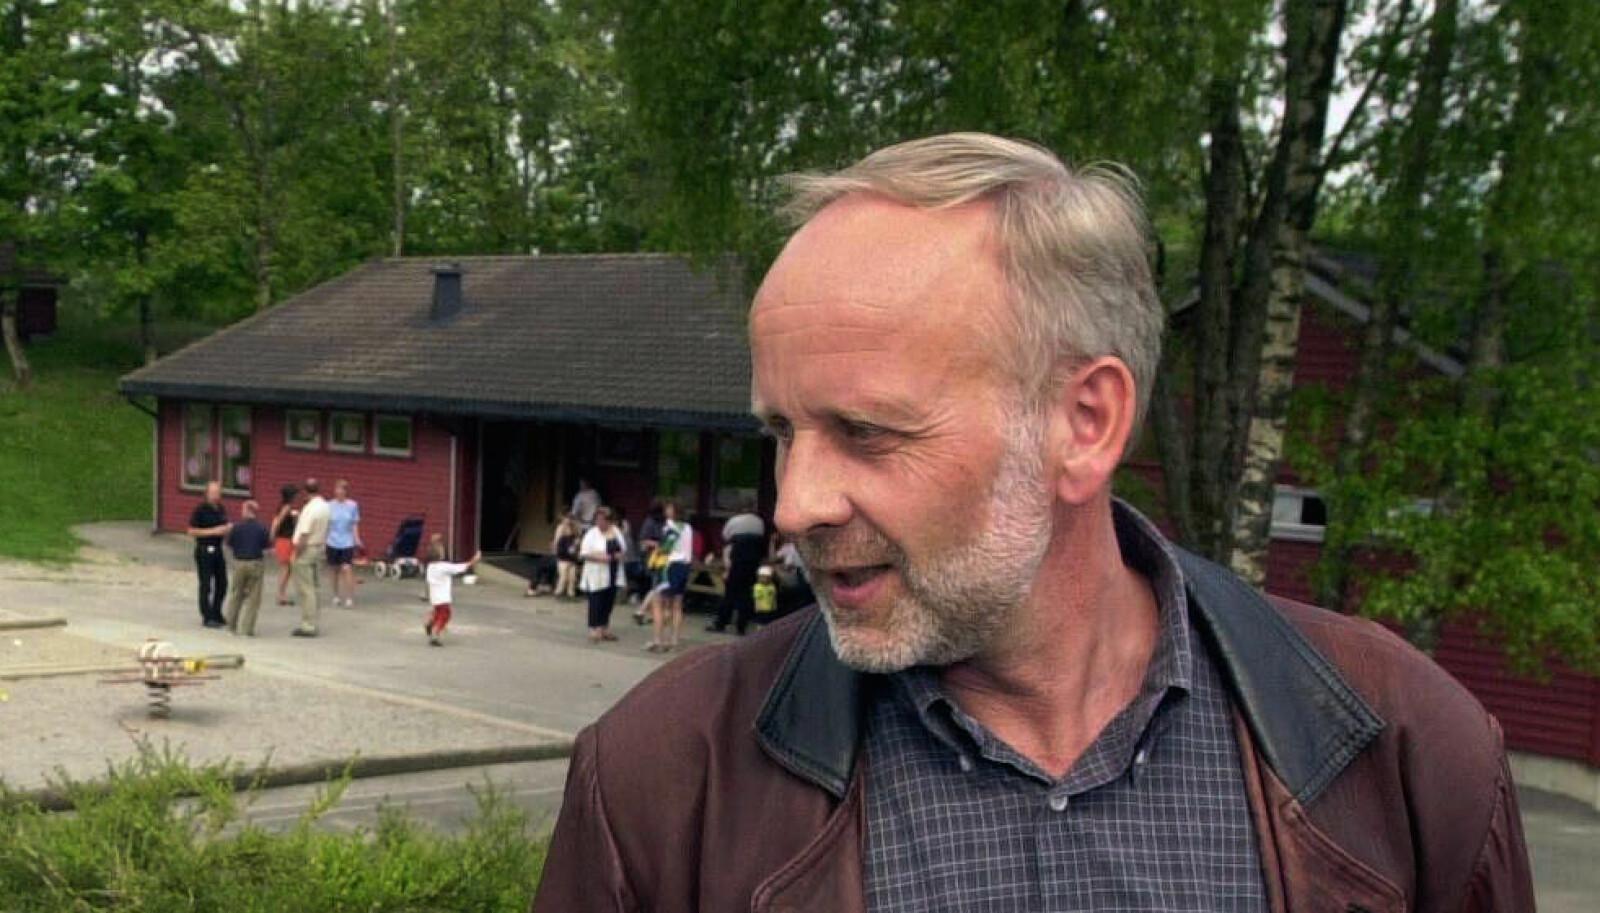 Ordfører Terje Thornquist kom til Hjelmeland barnehage med blomster dagen etter gisseldramaet. Foto: NTB scanpix.